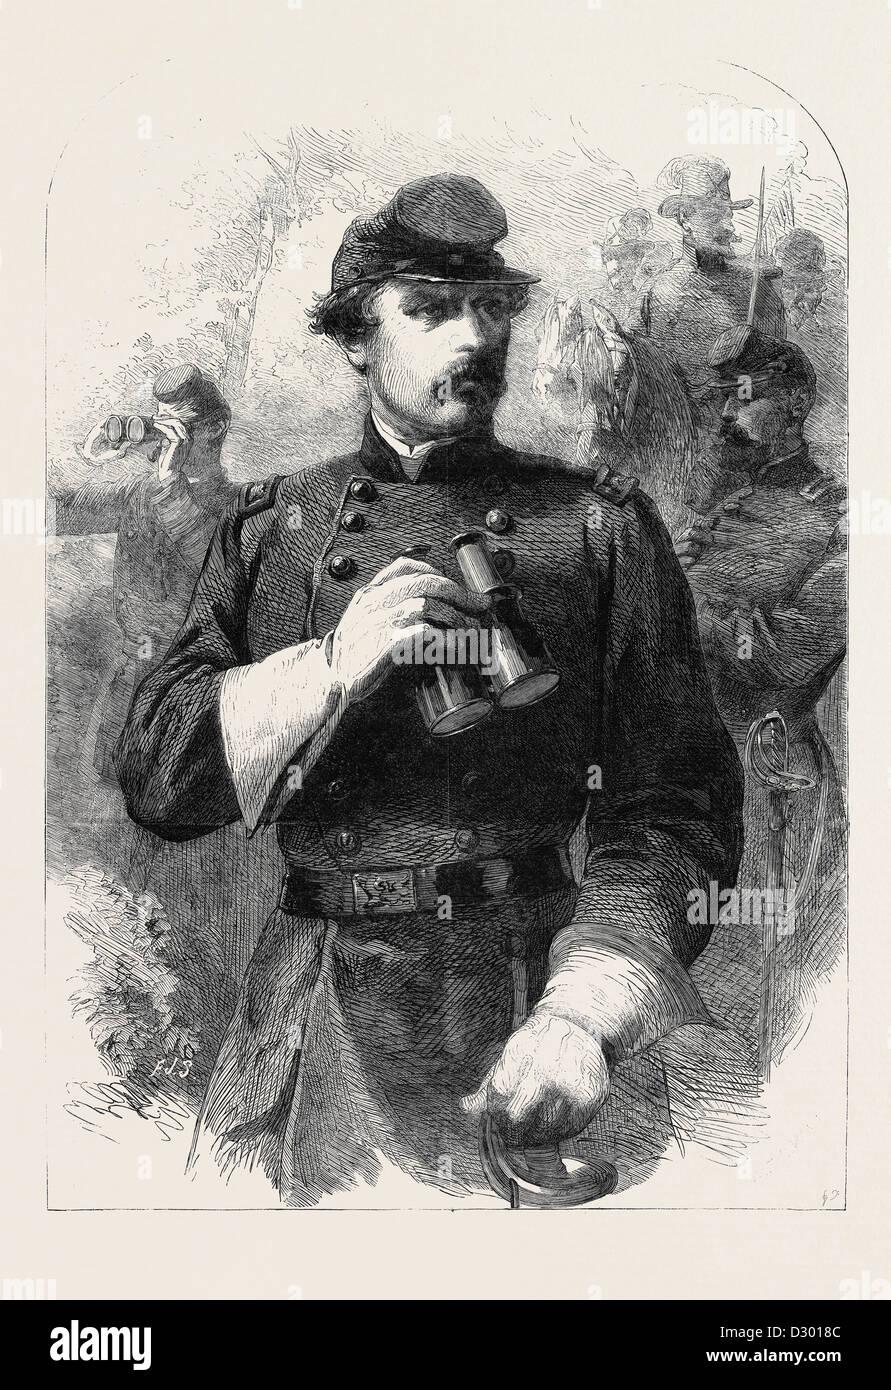 GENERAL M'CLELLAN comandante in capo delle Forze armate federali Immagini Stock